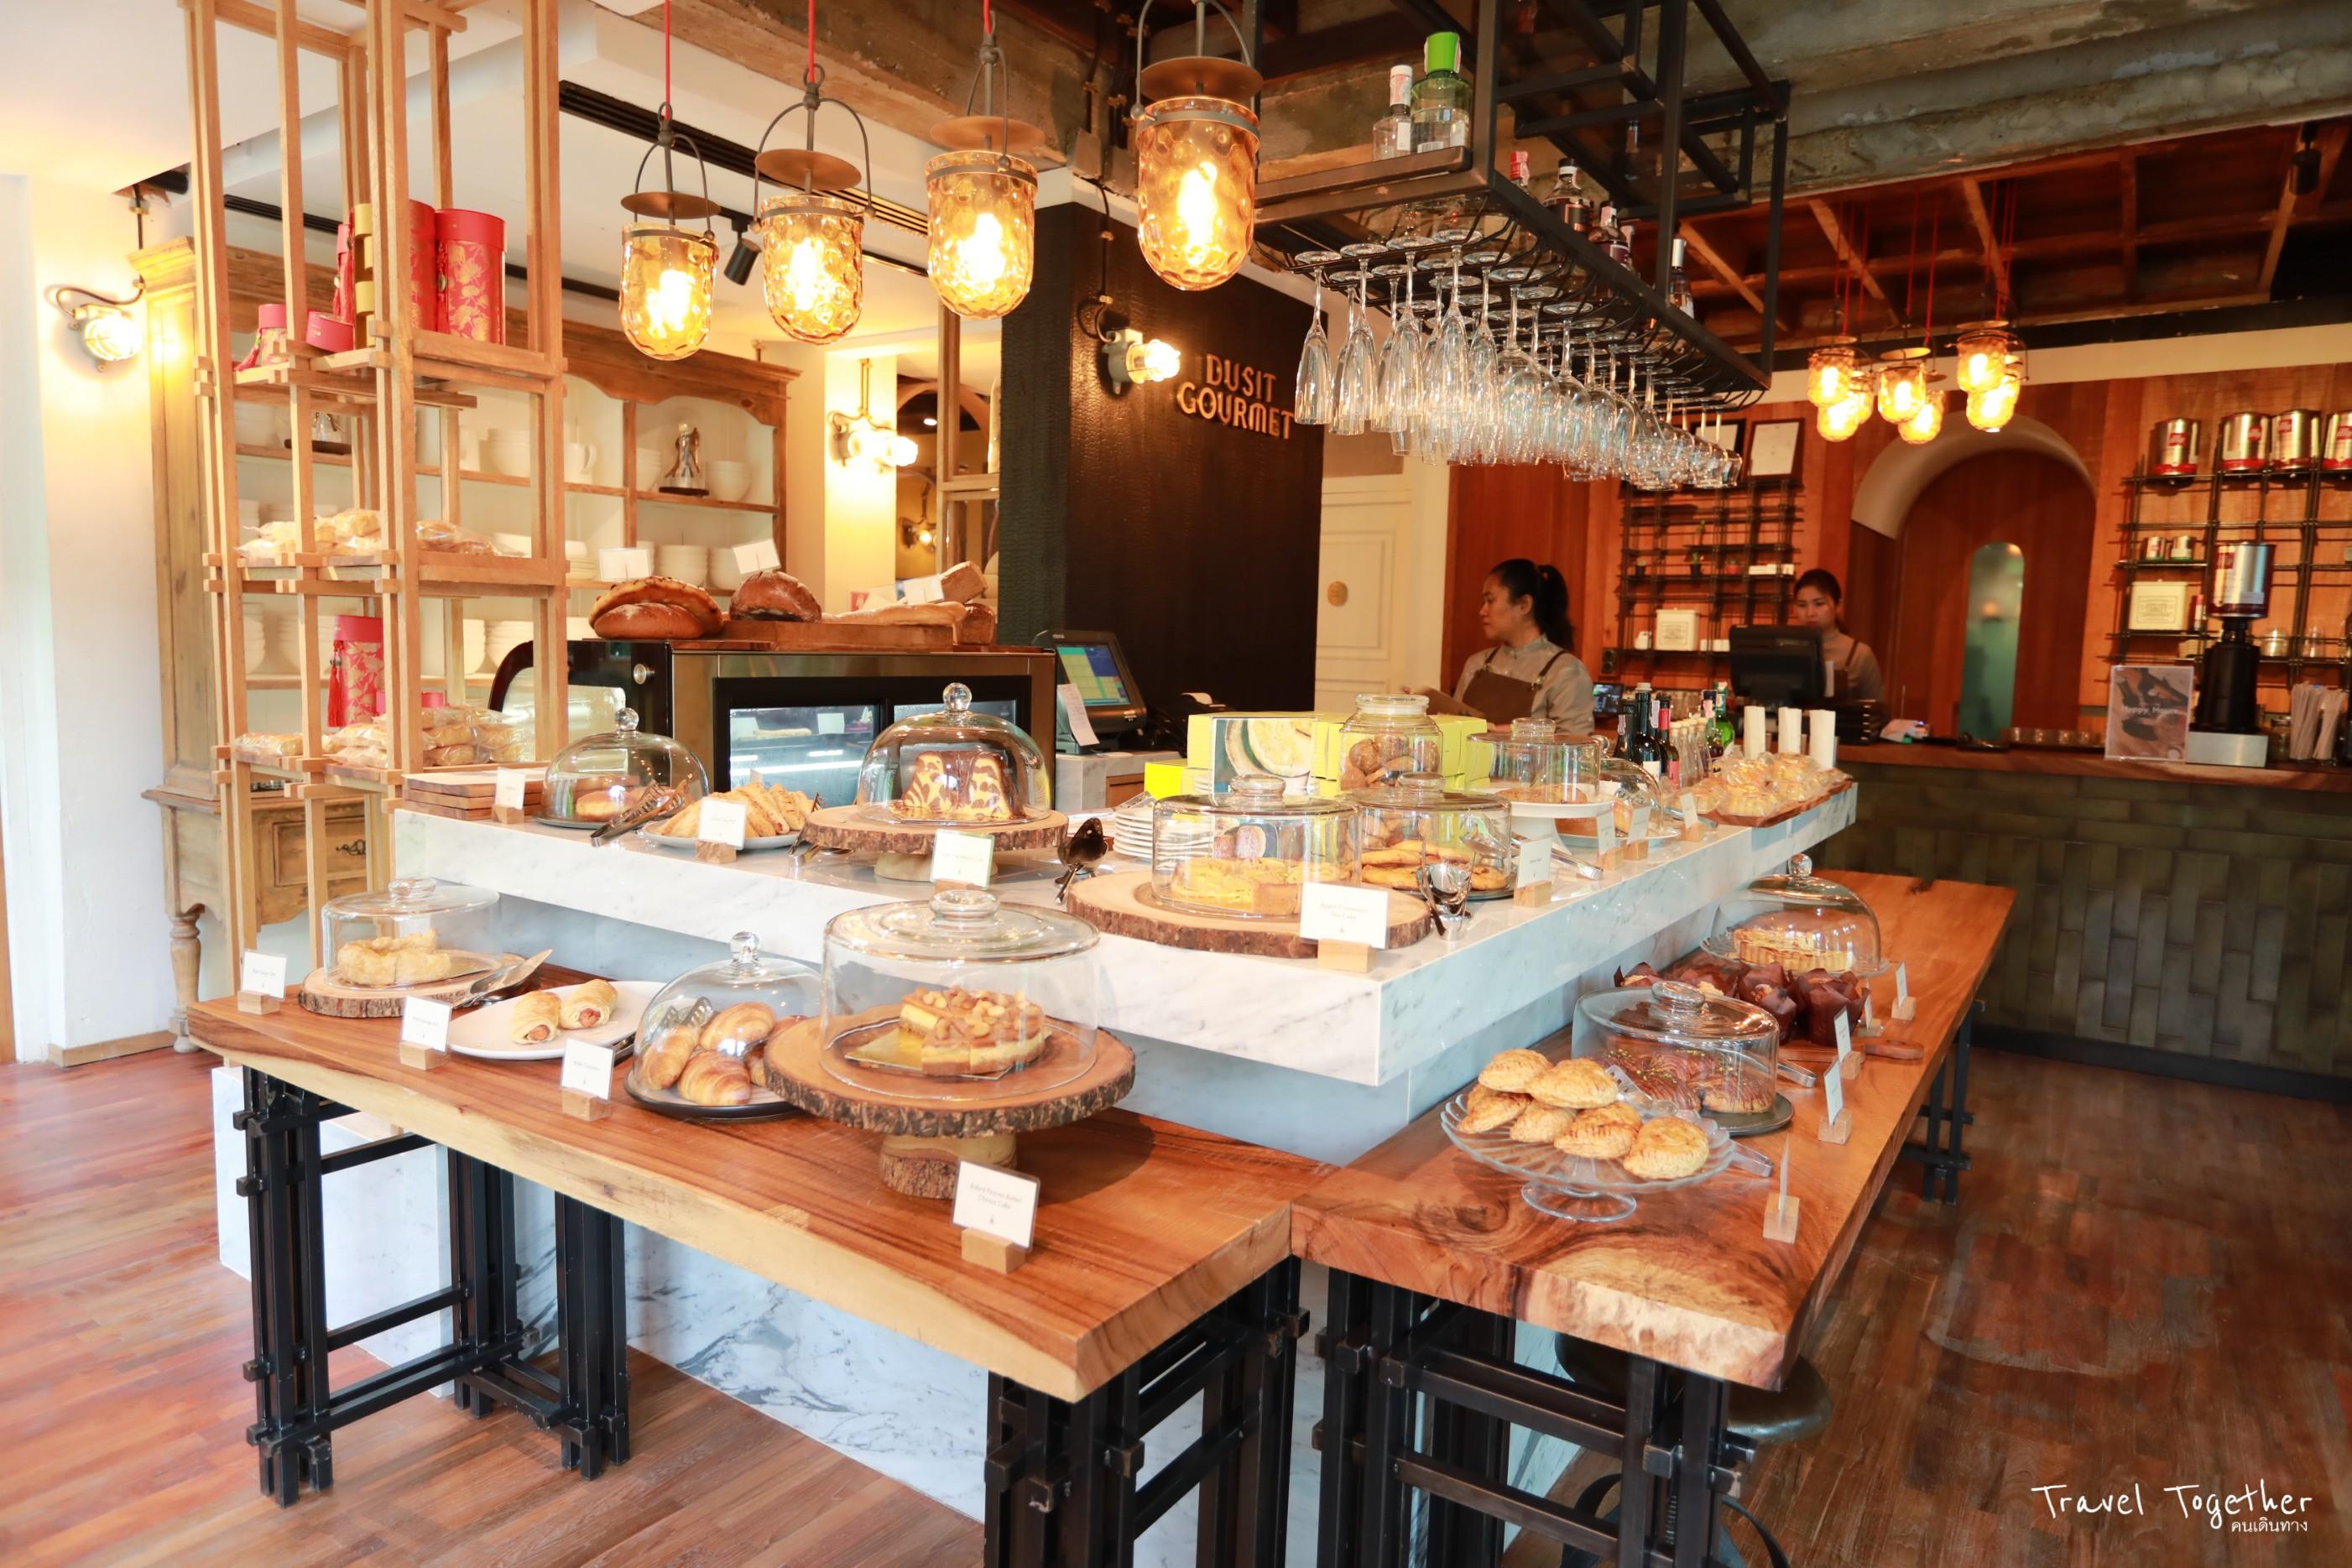 Dusit Gourmet คาเฟ่ที่บ้านดุสิตธานี บรรยากาศดี ย้อนวันวาน ย่านสีลม